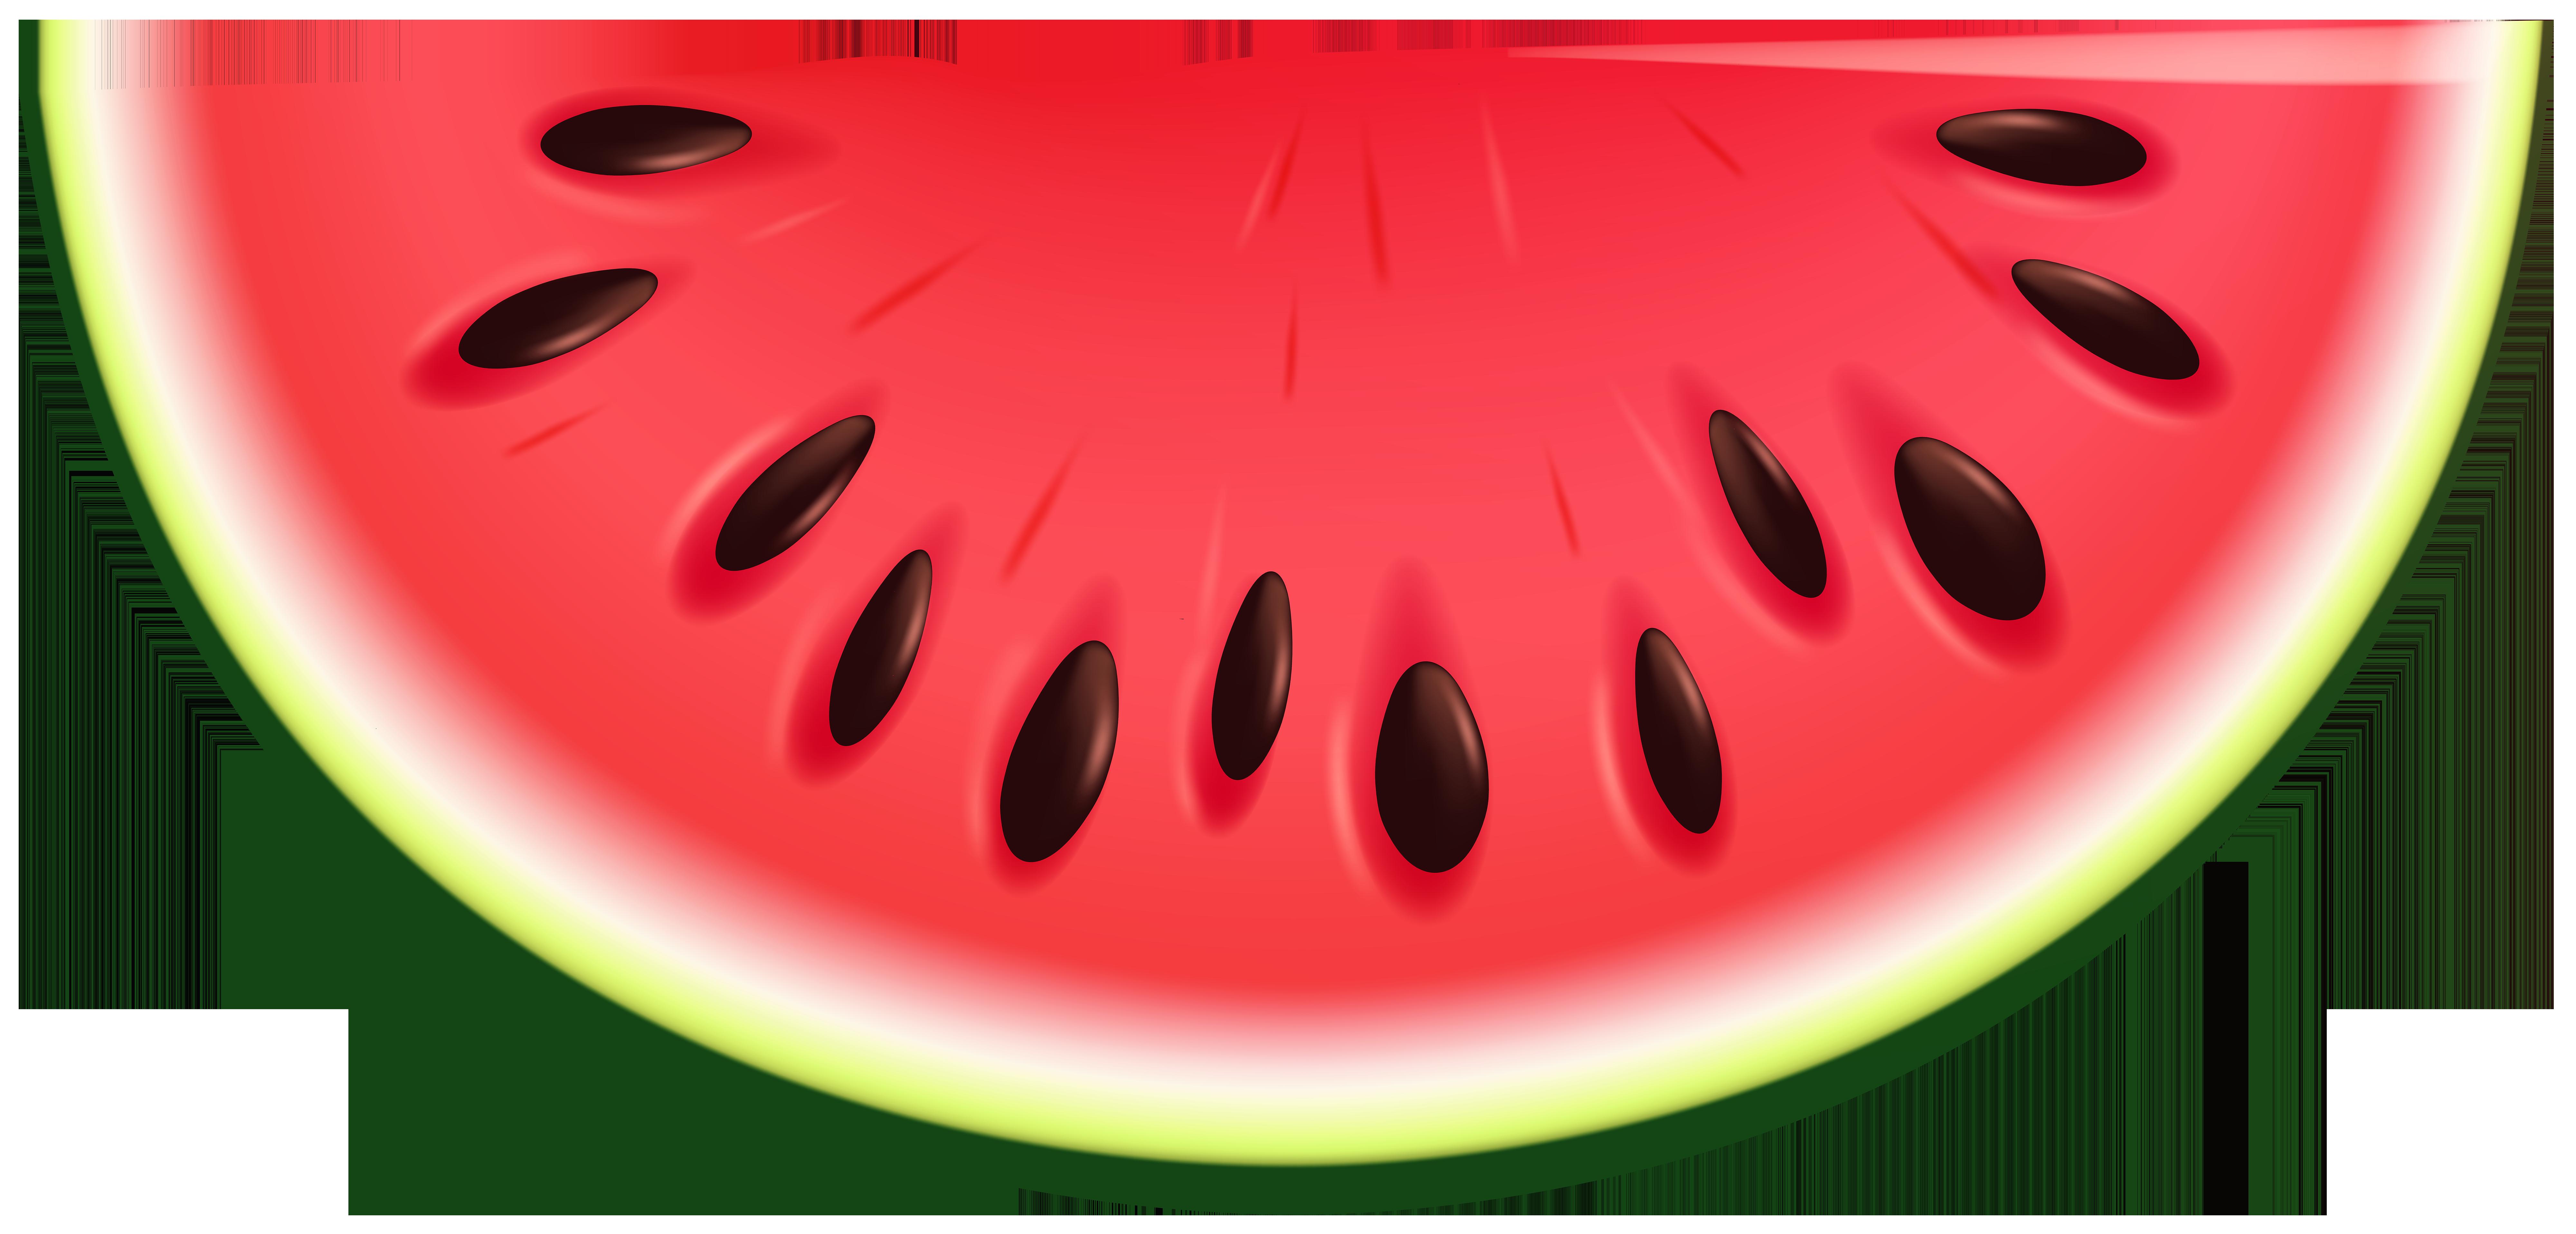 Watermelon PNG Clip Art Image.